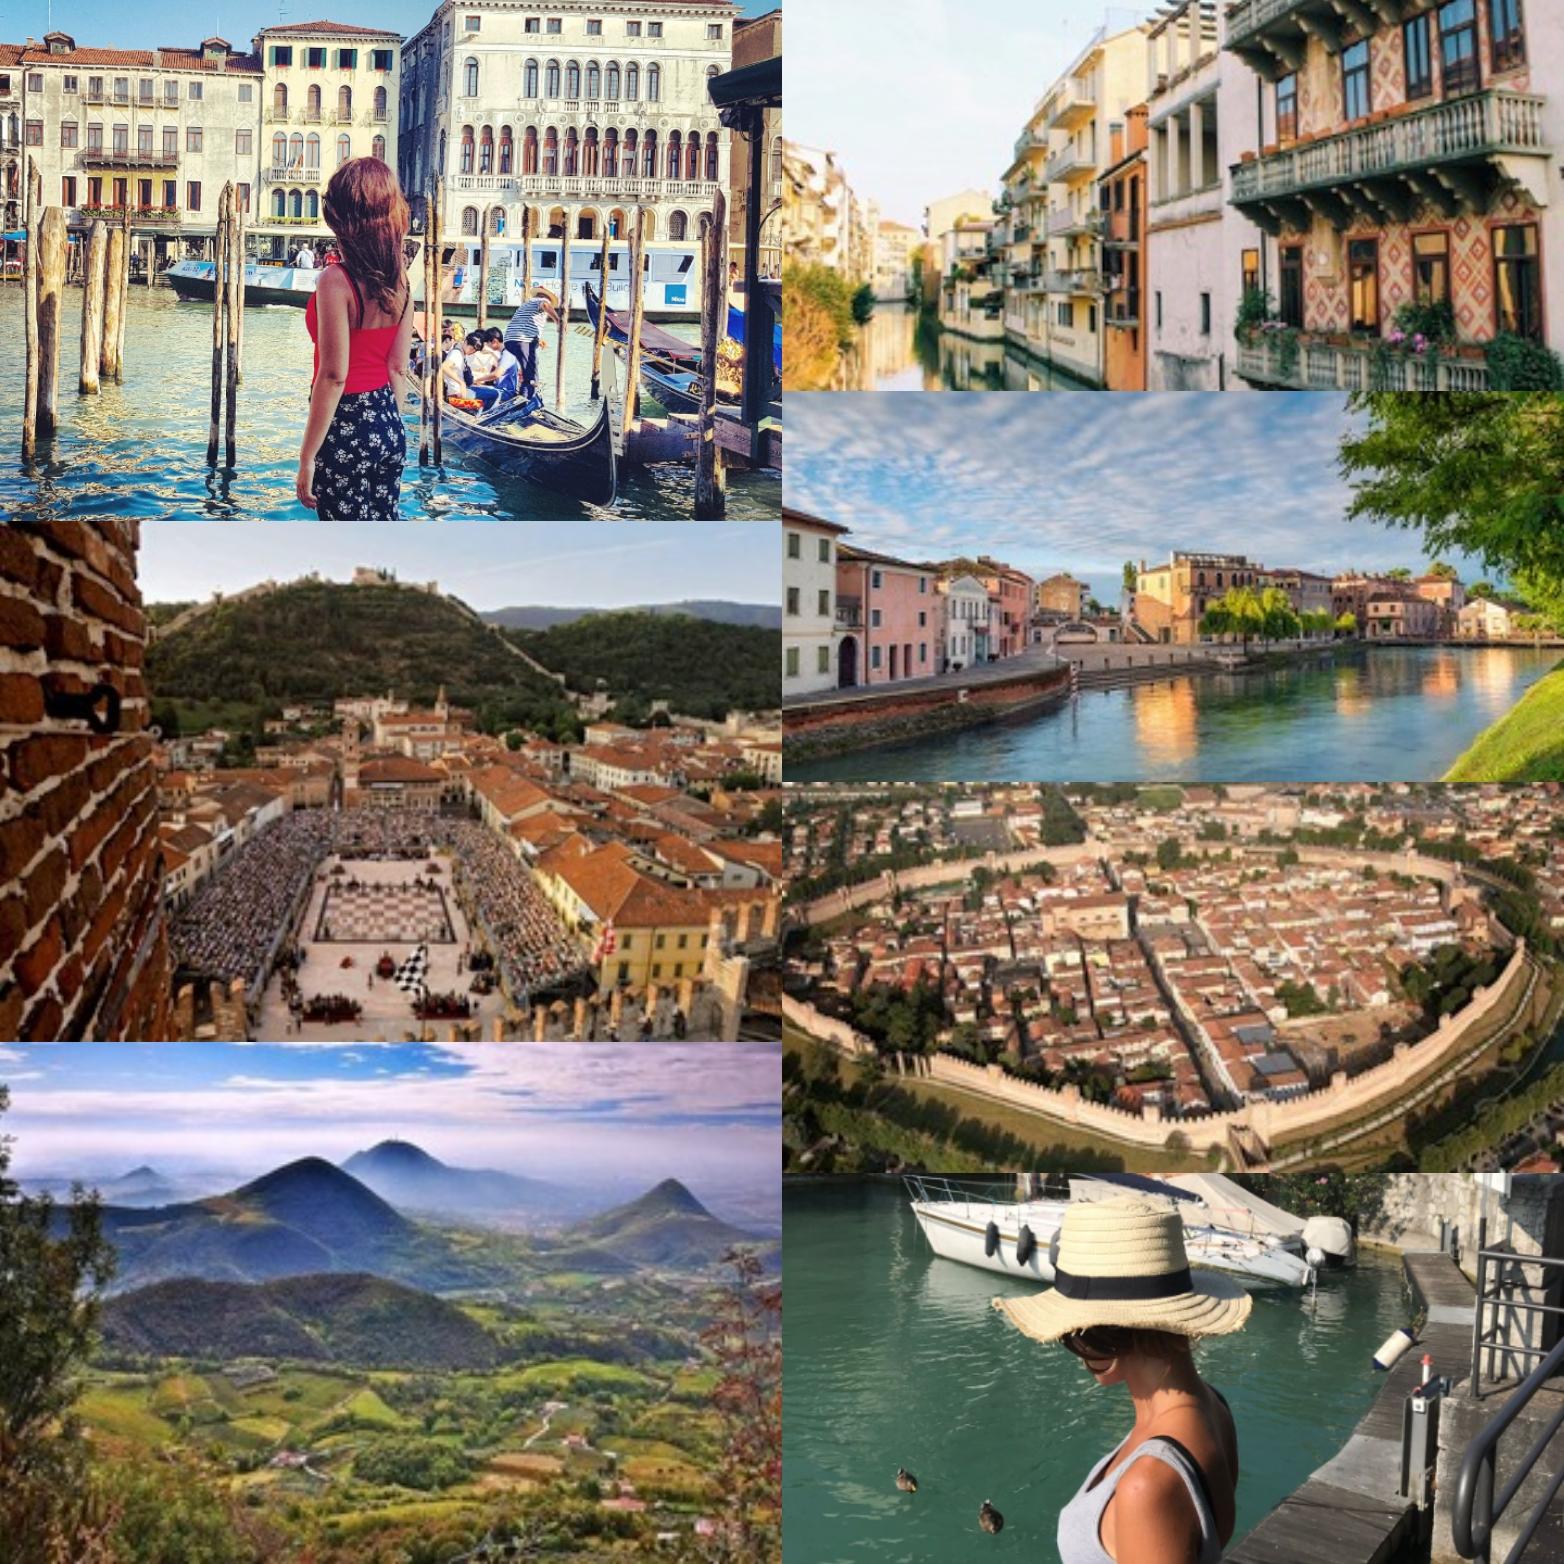 [:it]Cosa vedere in Veneto: luoghi che vi faranno sognare[:in]WHAT TO SEE IN VENETO: PLACES THAT WILL MAKE YOU DREAM[:]